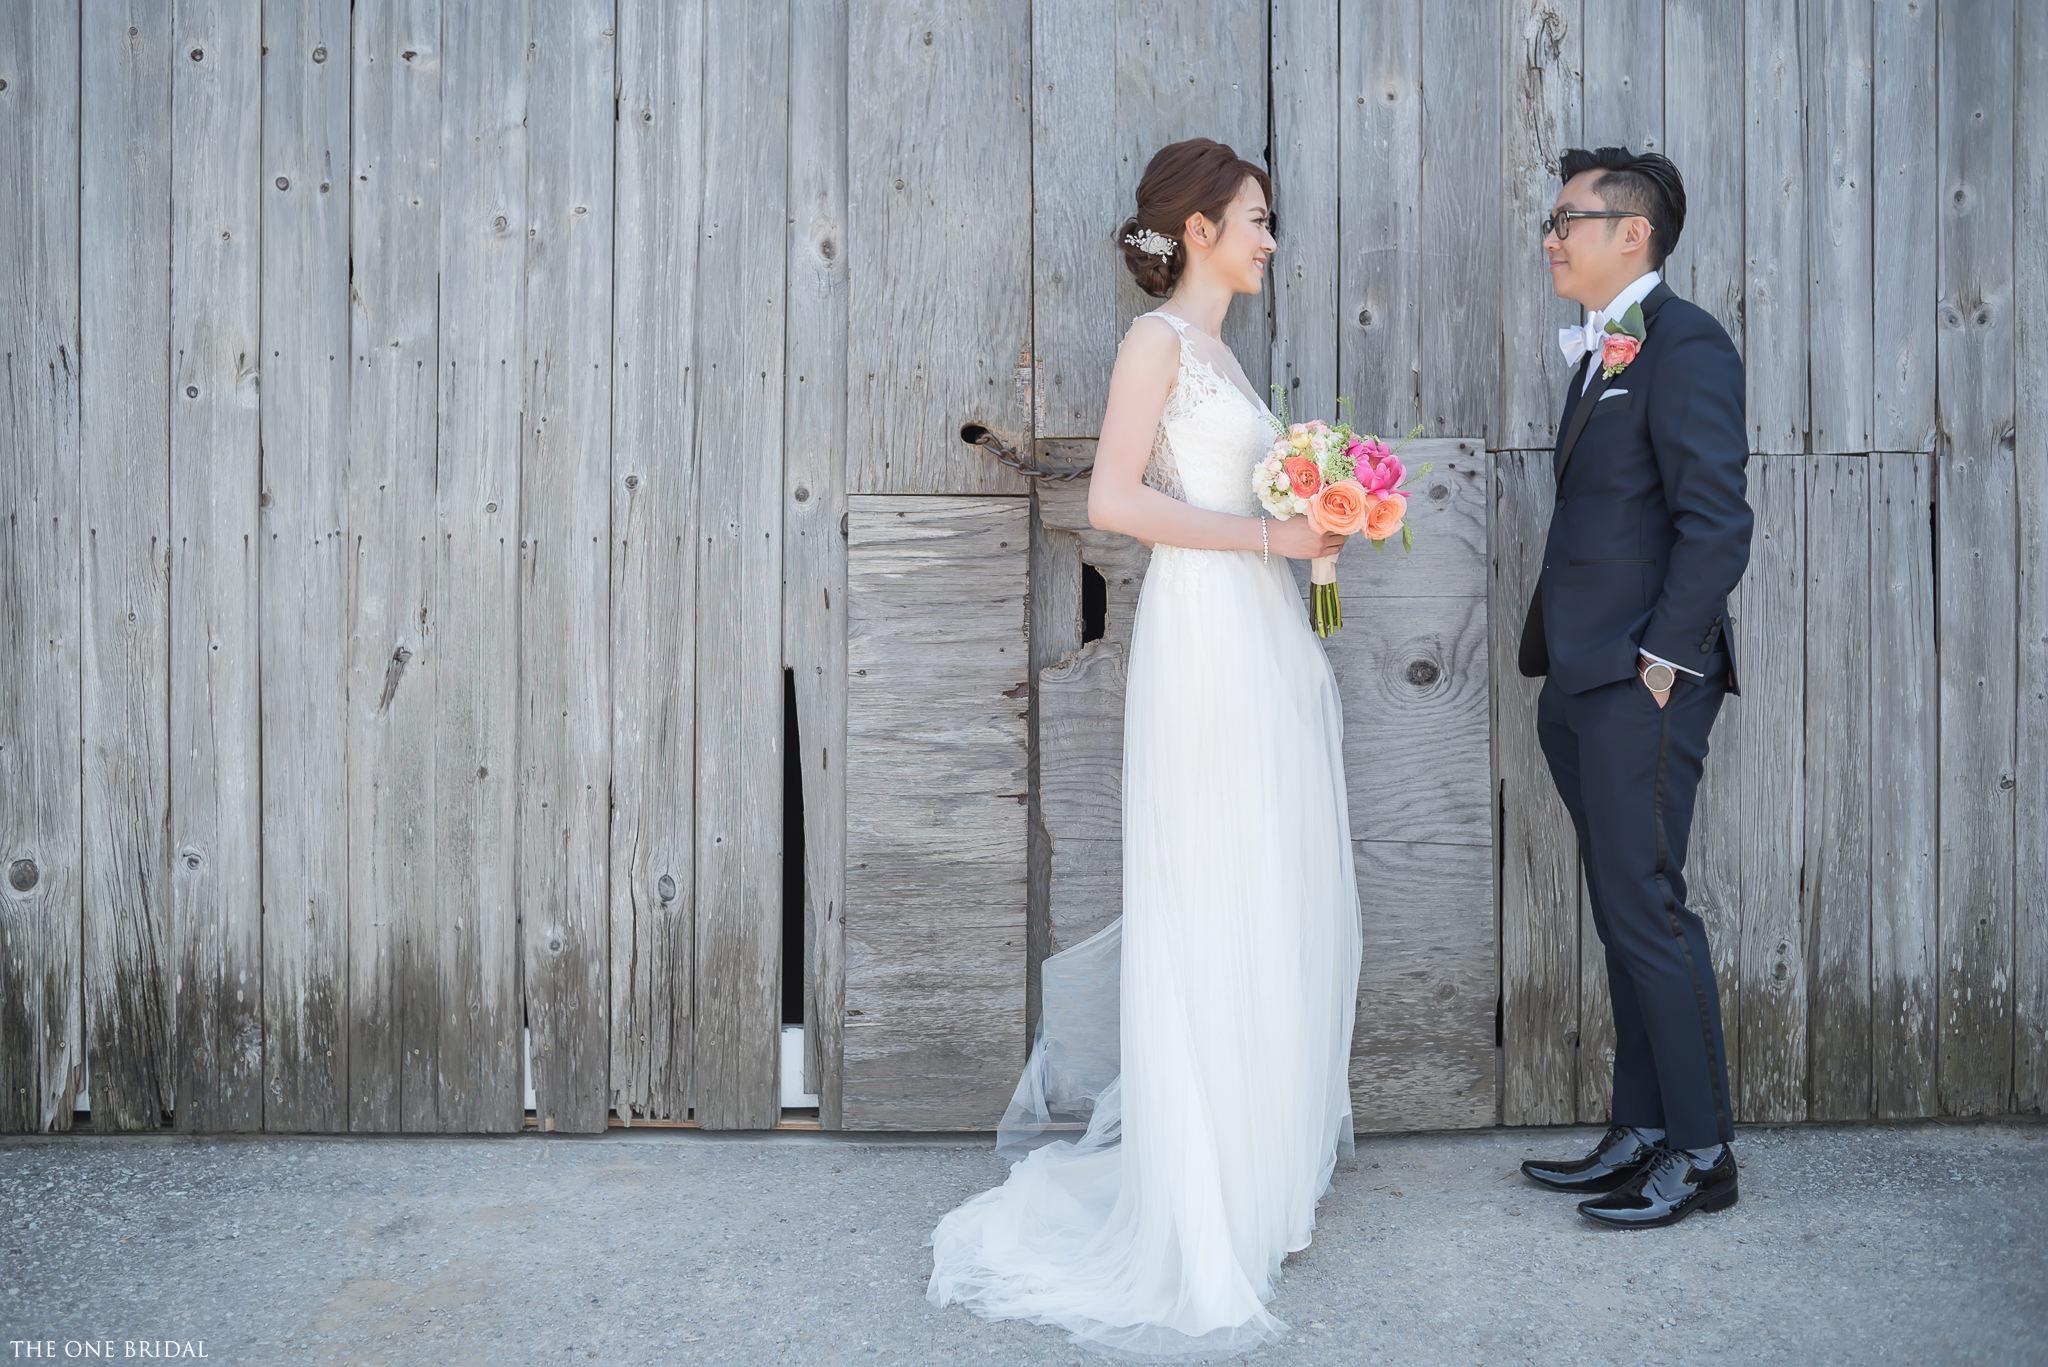 mandarin-golf-club-wedding-markham-the-one-bridal-023